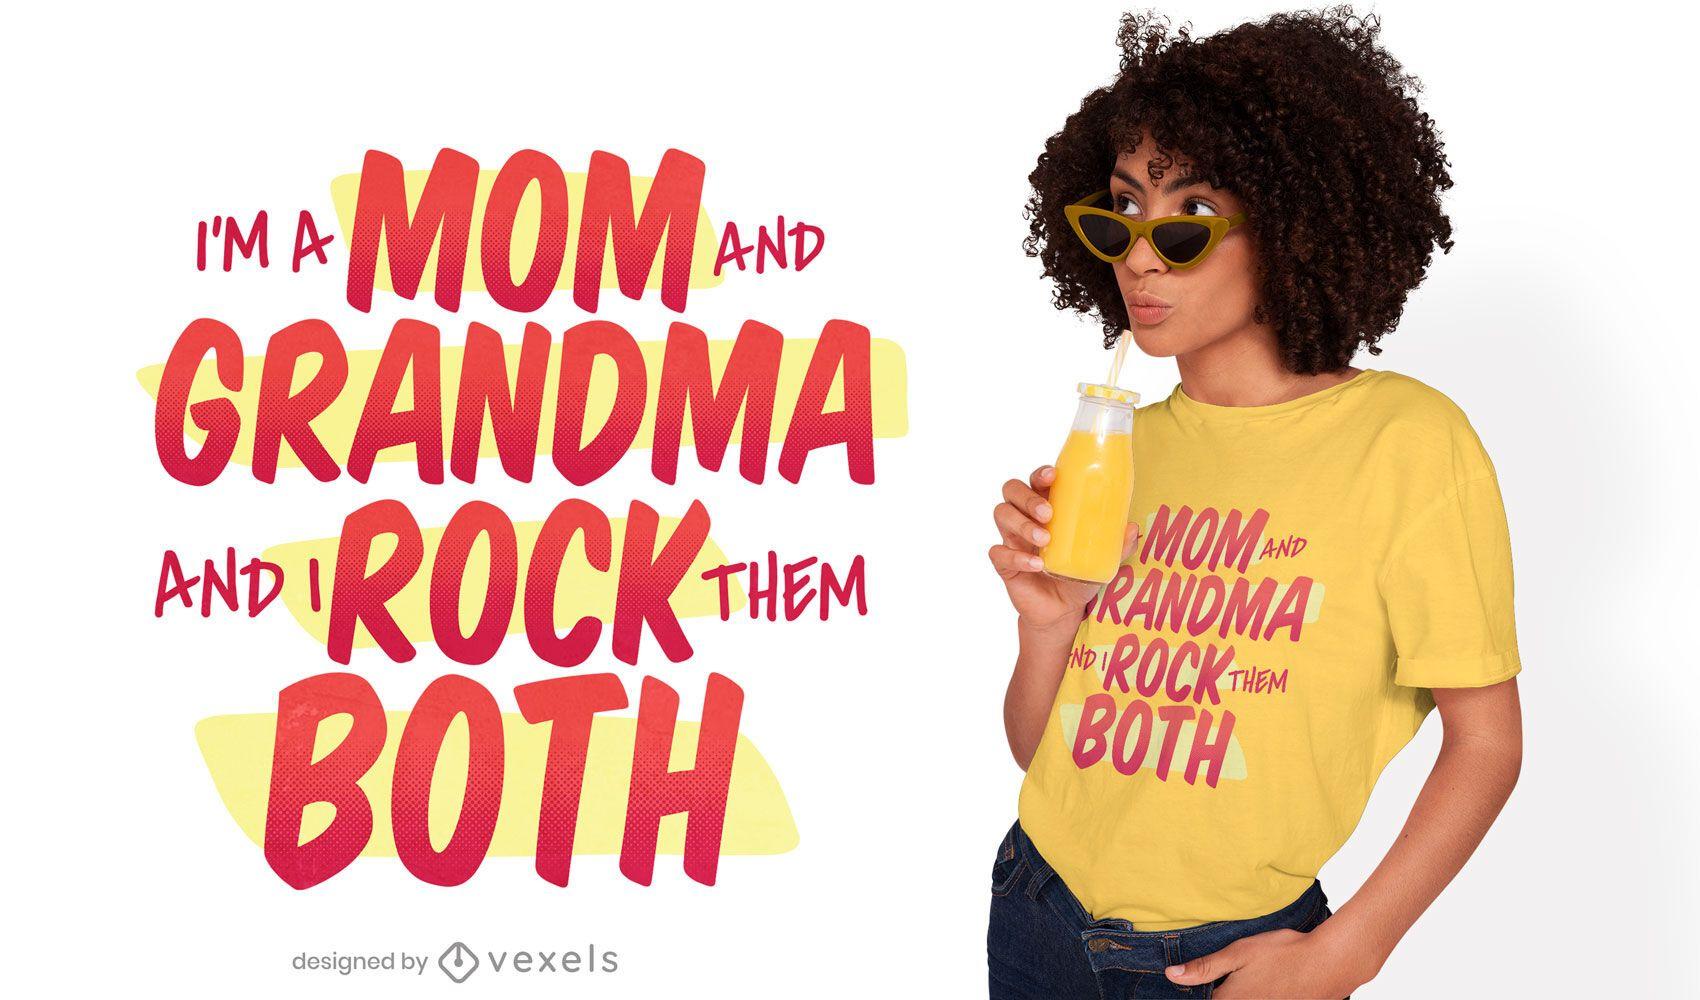 Dise?o de camiseta con letras de mam? y abuela.